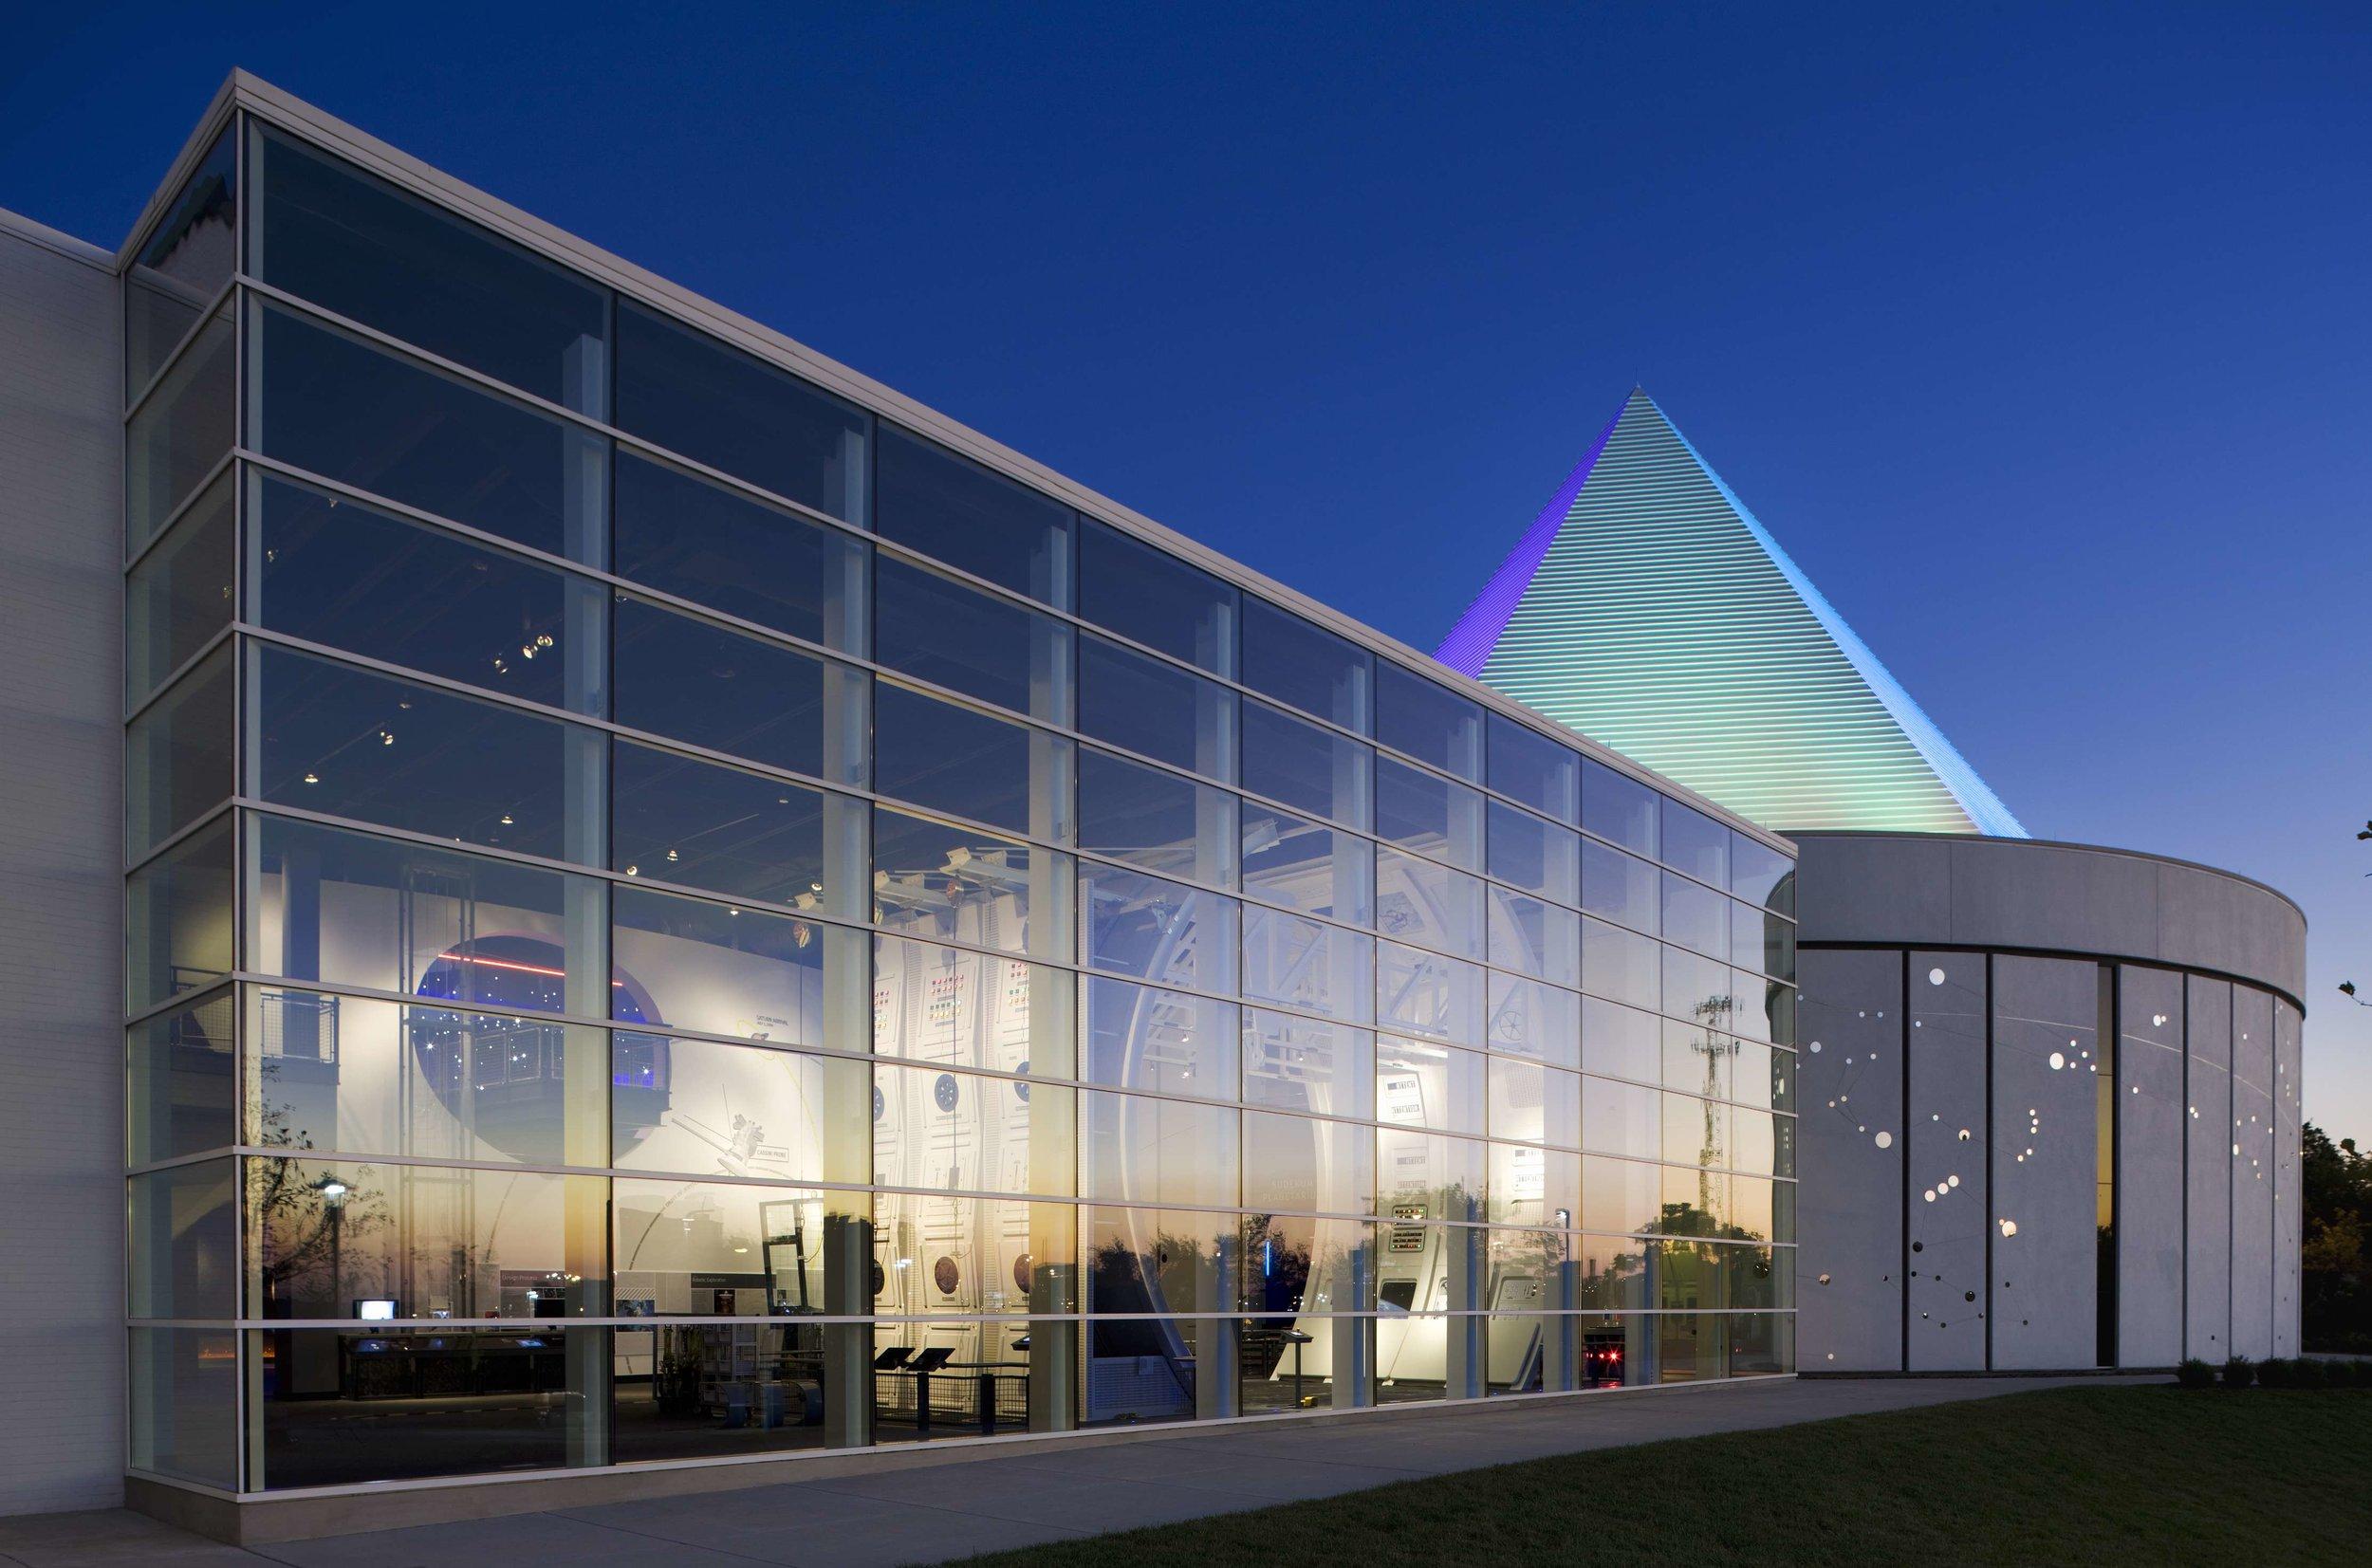 Adventure Science Center Air and Space Wing and Sudekum Planetarium